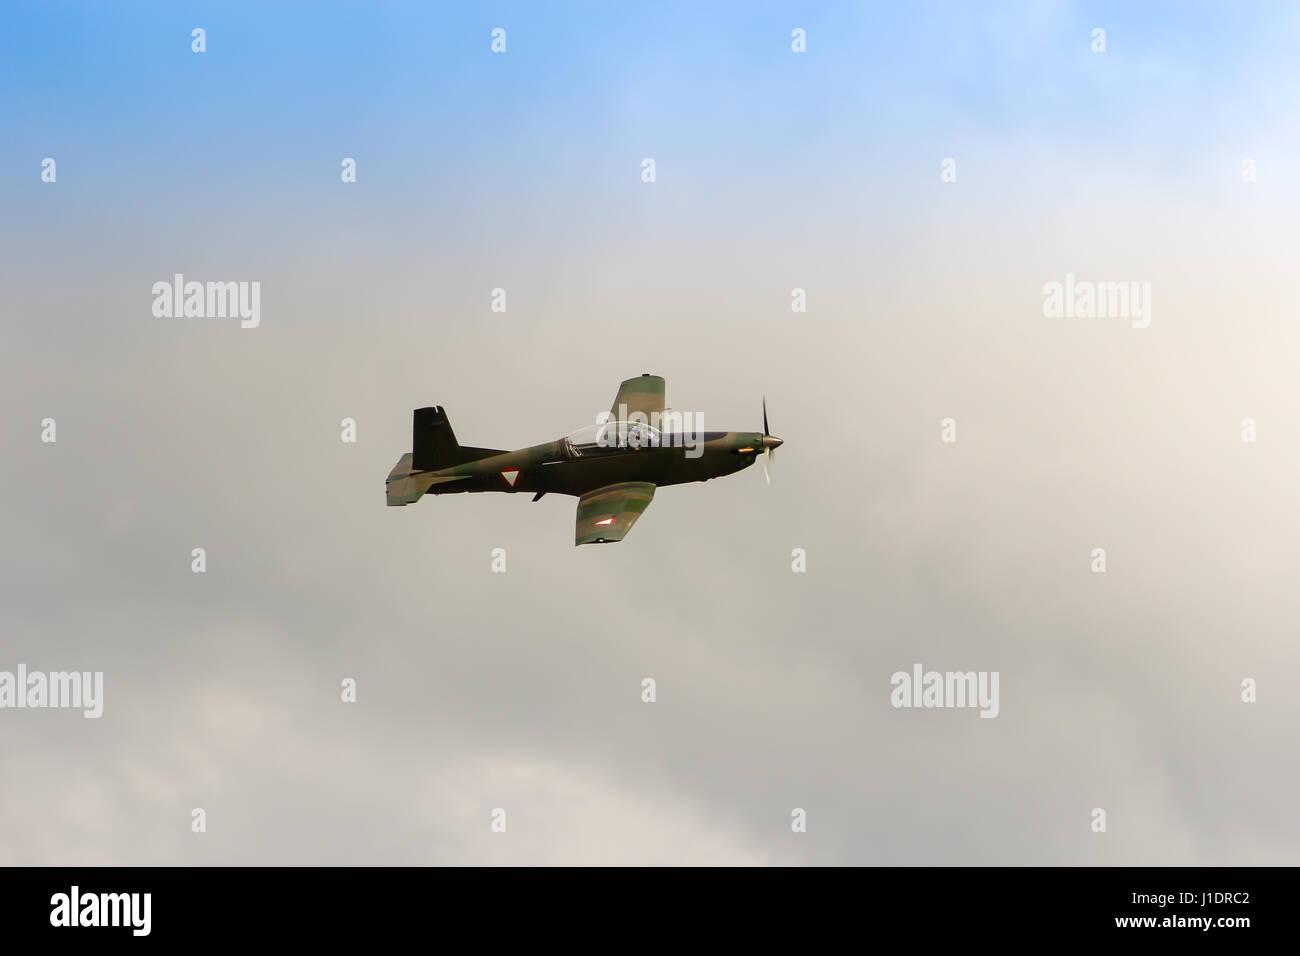 Pilatus PC 7, Turbo Trainer, - Stock Image